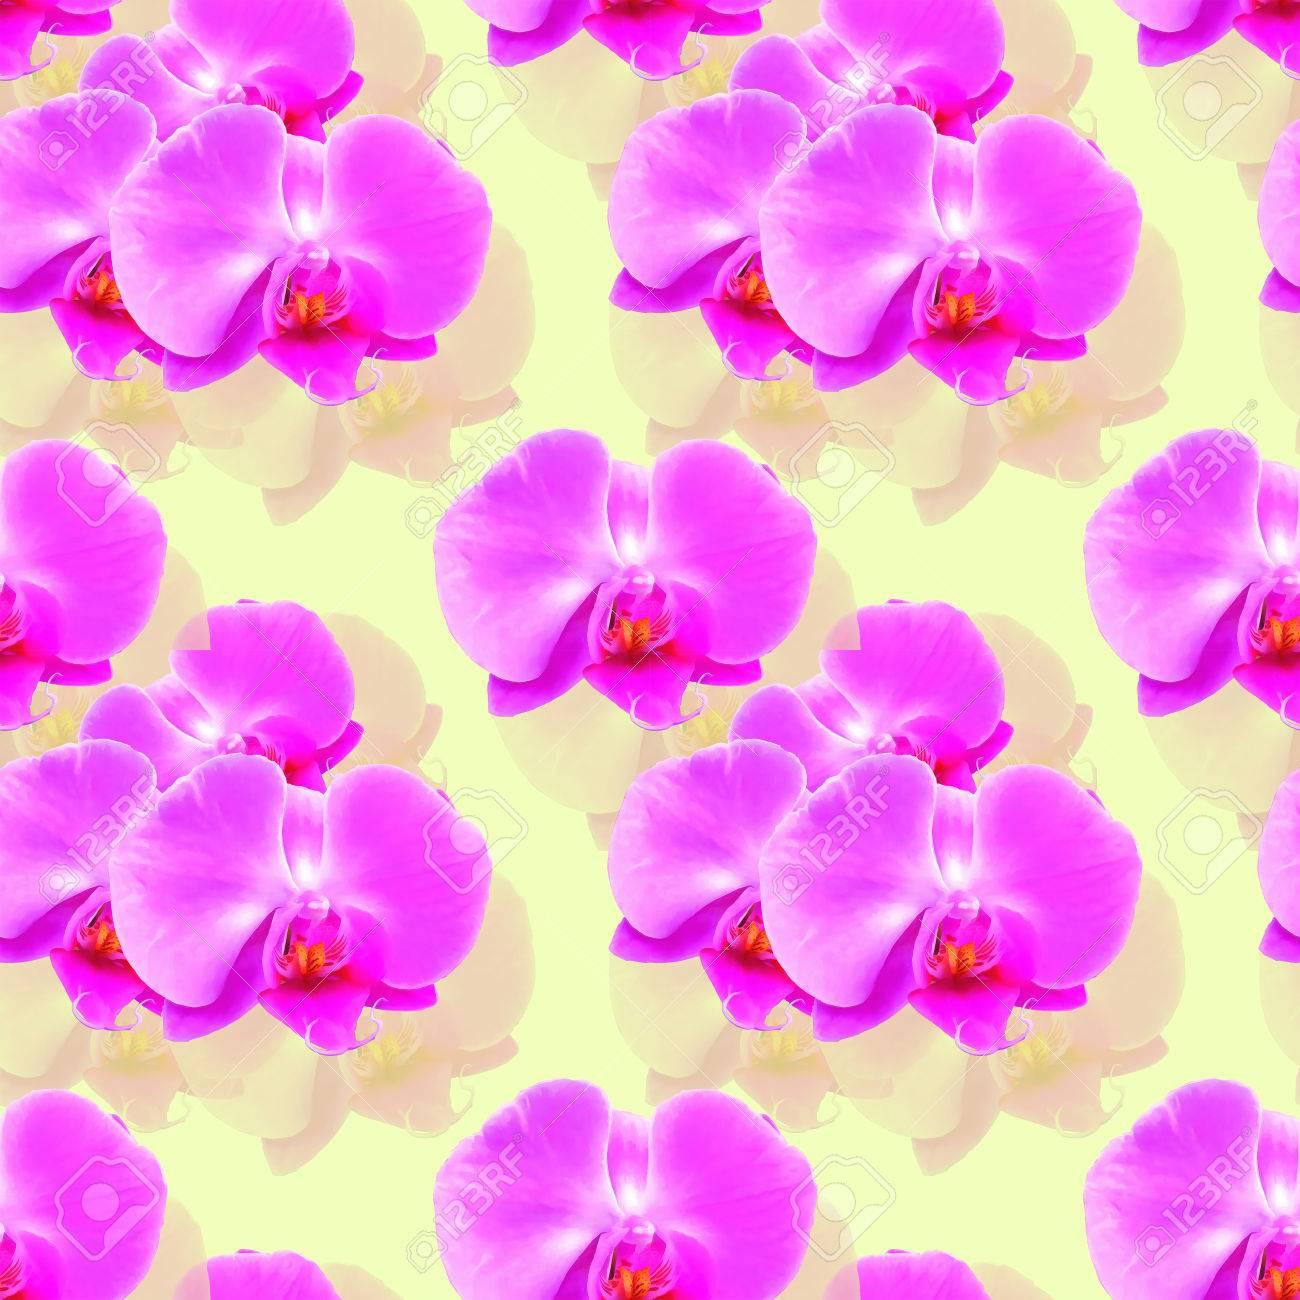 Orchidee Phalaenopsis Texture Des Fleurs Modele Continu Pour Replique Continue Fond Floral Collage Photo Pour La Production De Textile Tissu